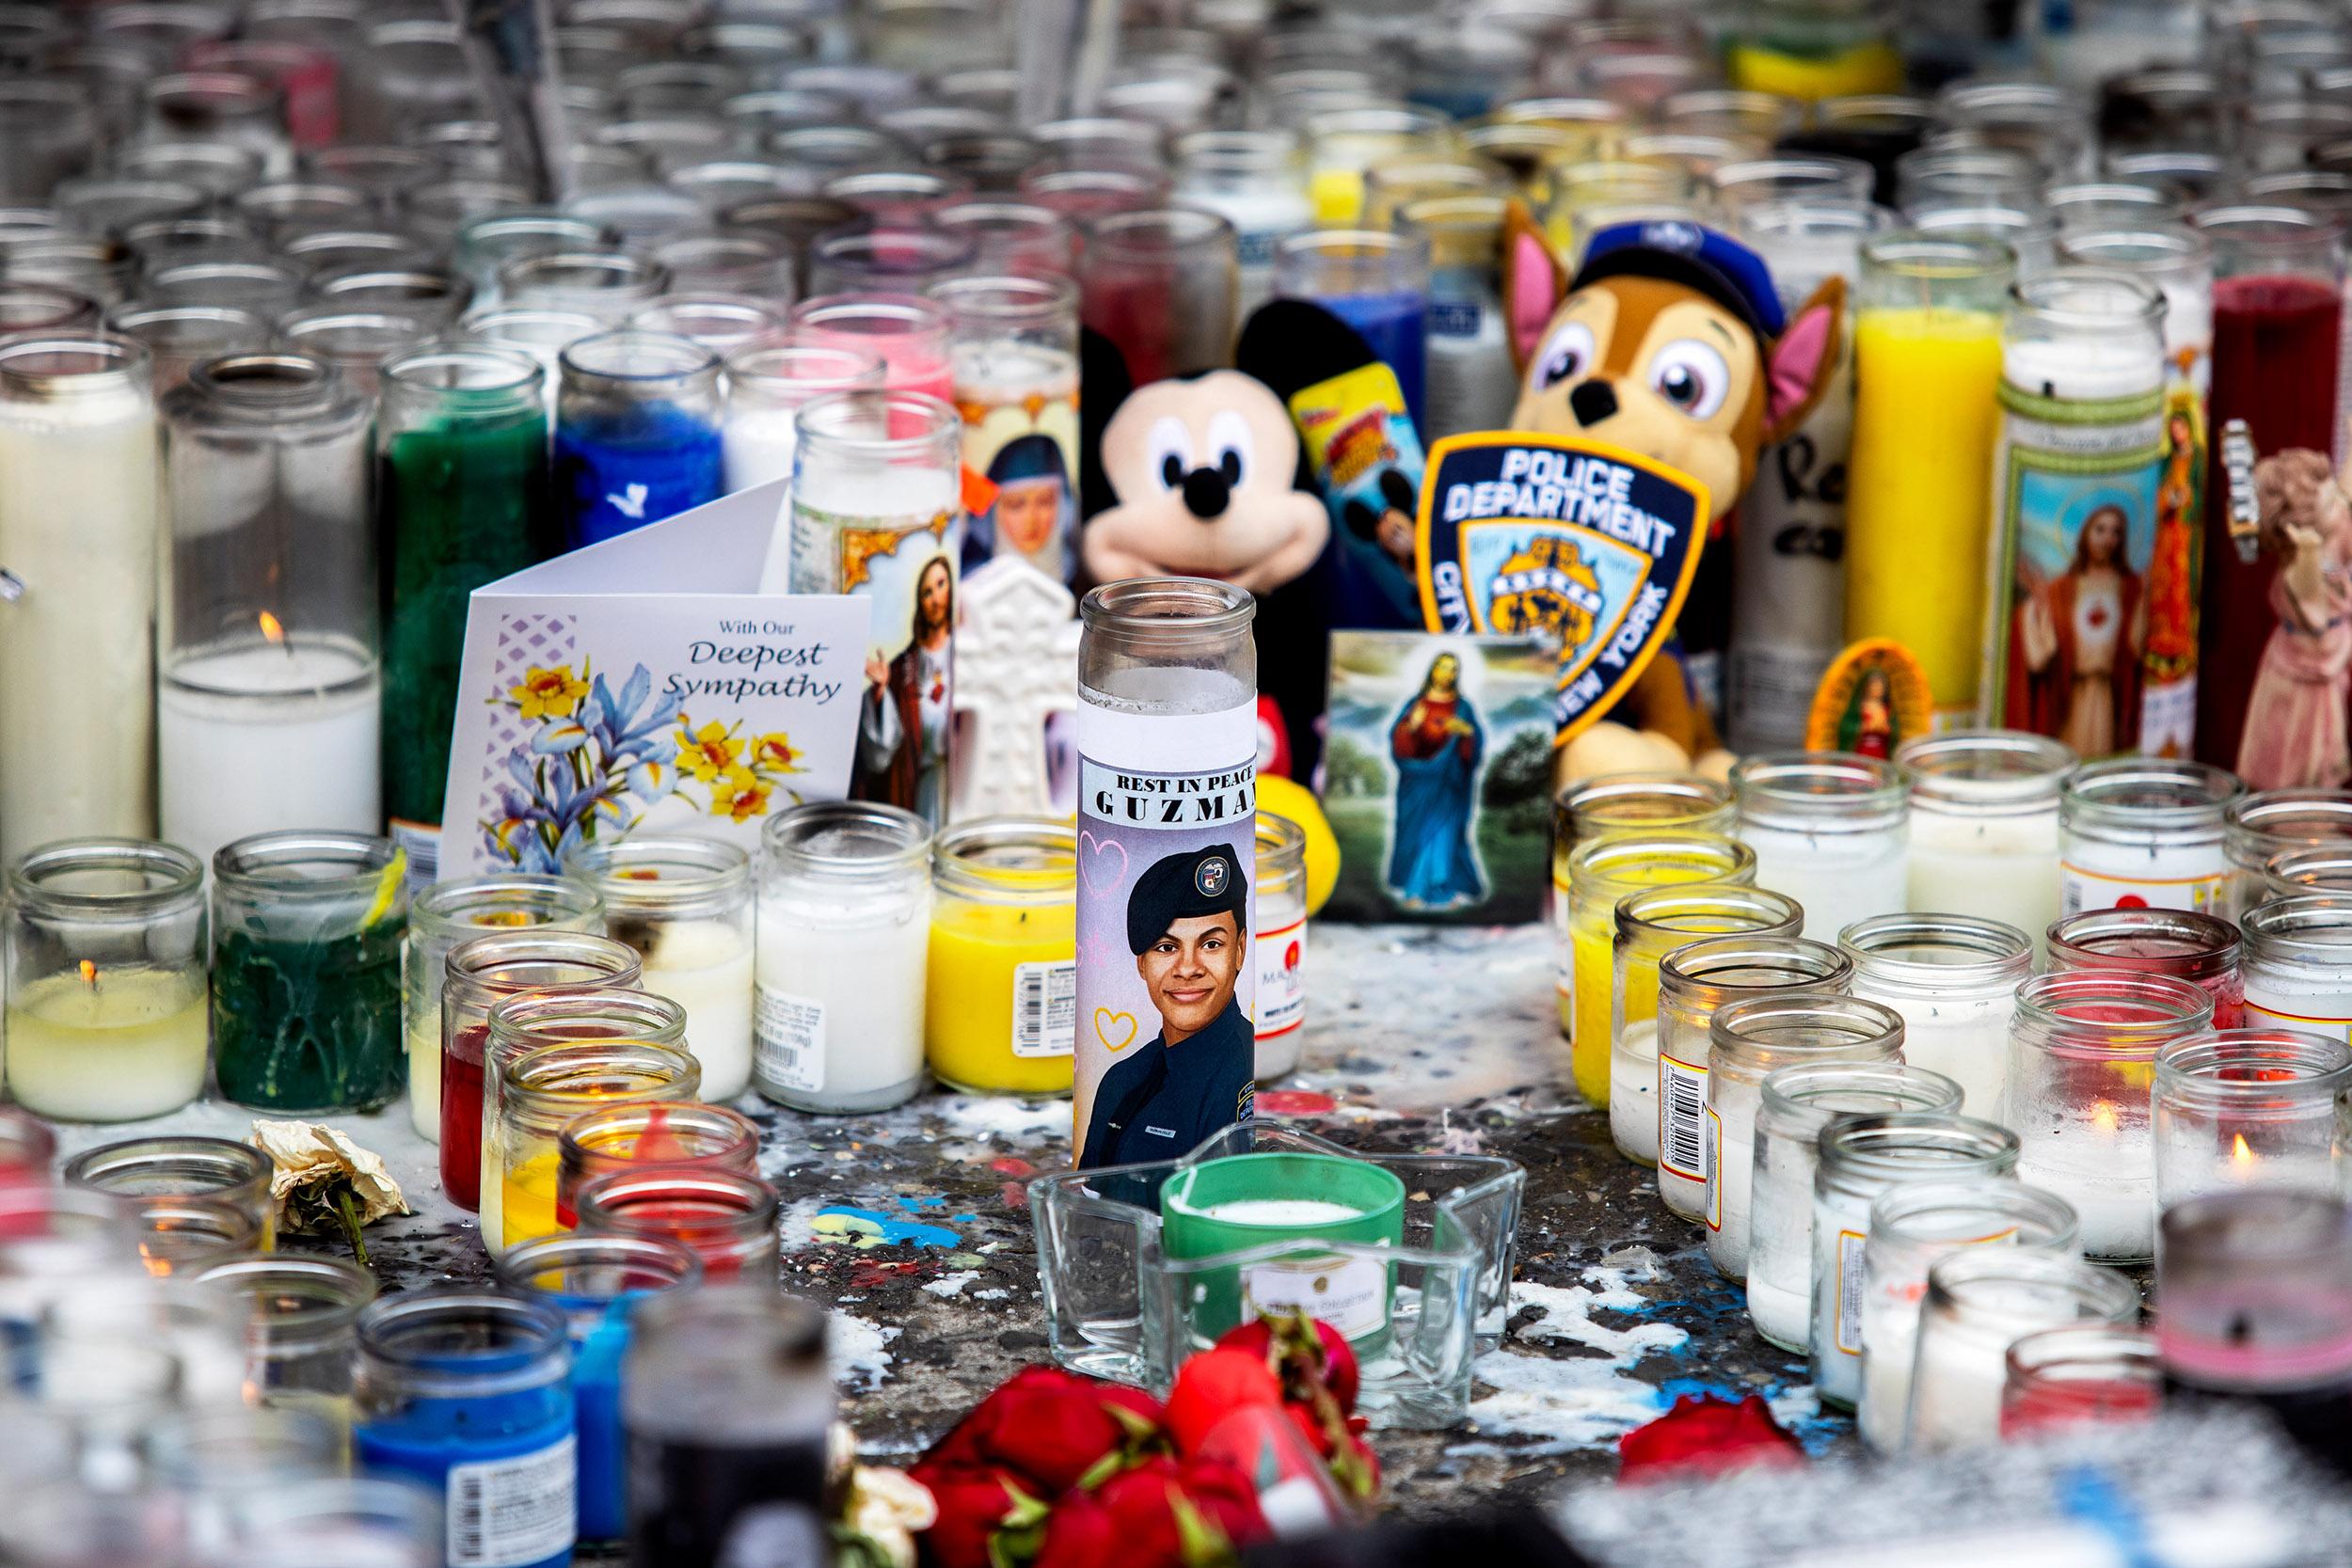 DFreeman_Mourning Lesandro Guzman-Feliz10.jpg